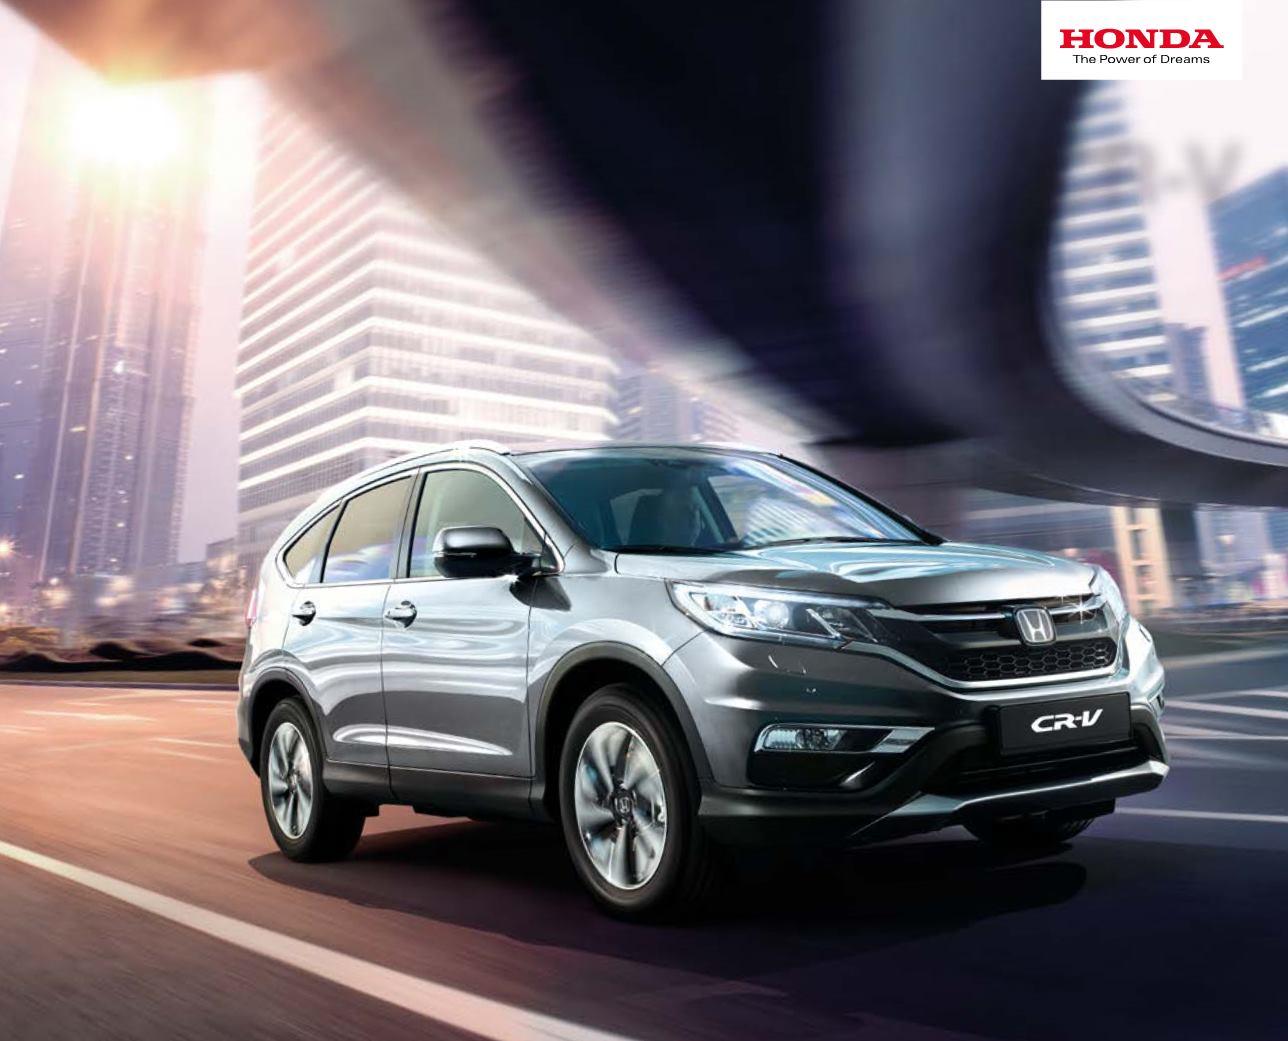 Honda cr v e brochure for Honda cr v brochure